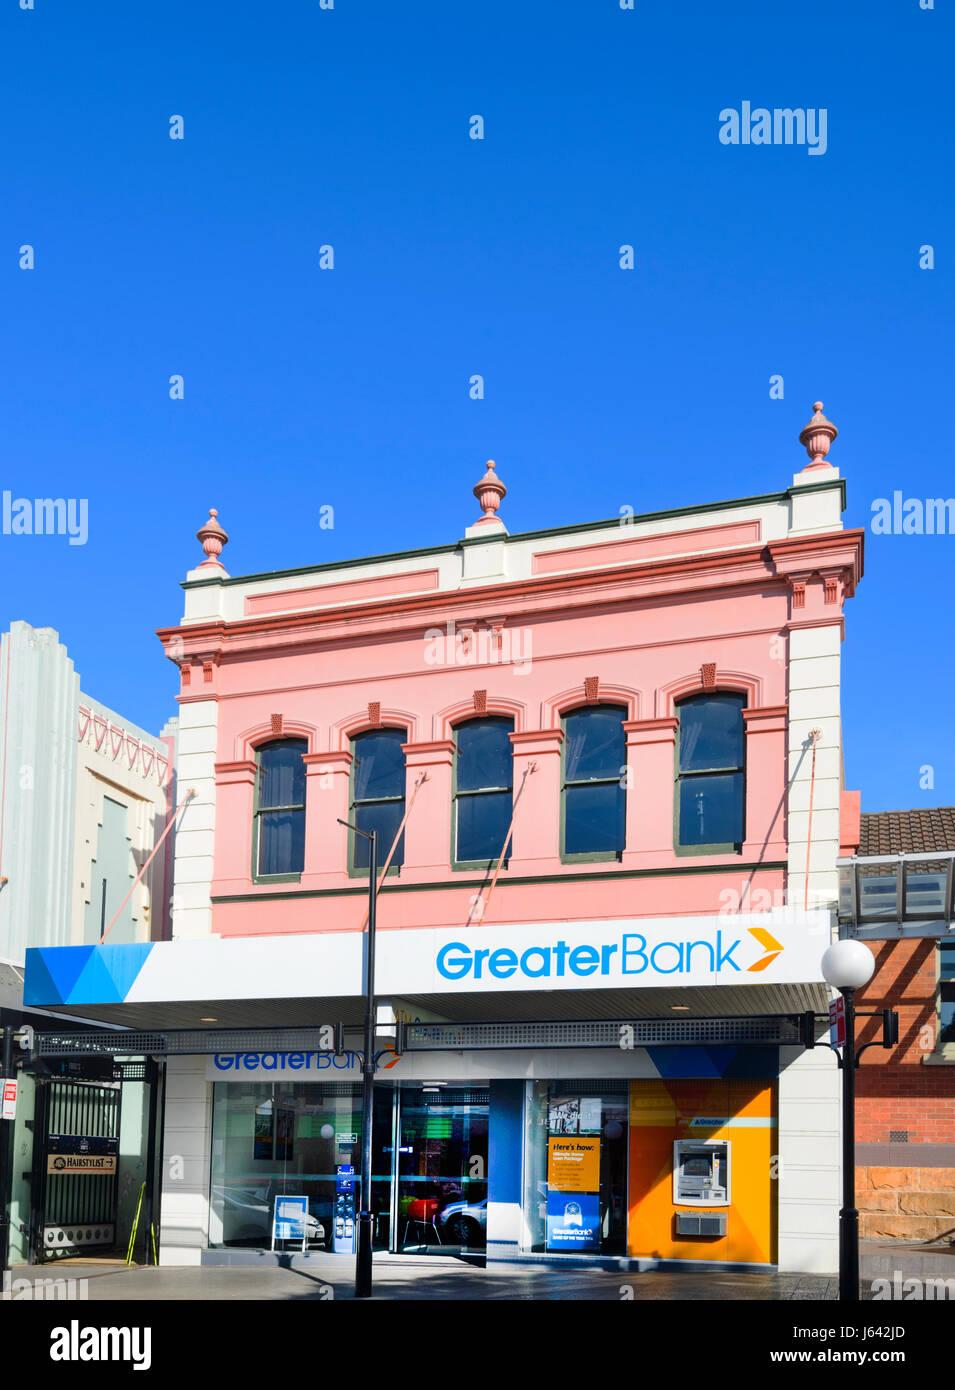 Una maggiore filiale di banca in un vecchio edificio rosa, giunzione Street, Nowra, Nuovo Galles del Sud, NSW, Australia Immagini Stock